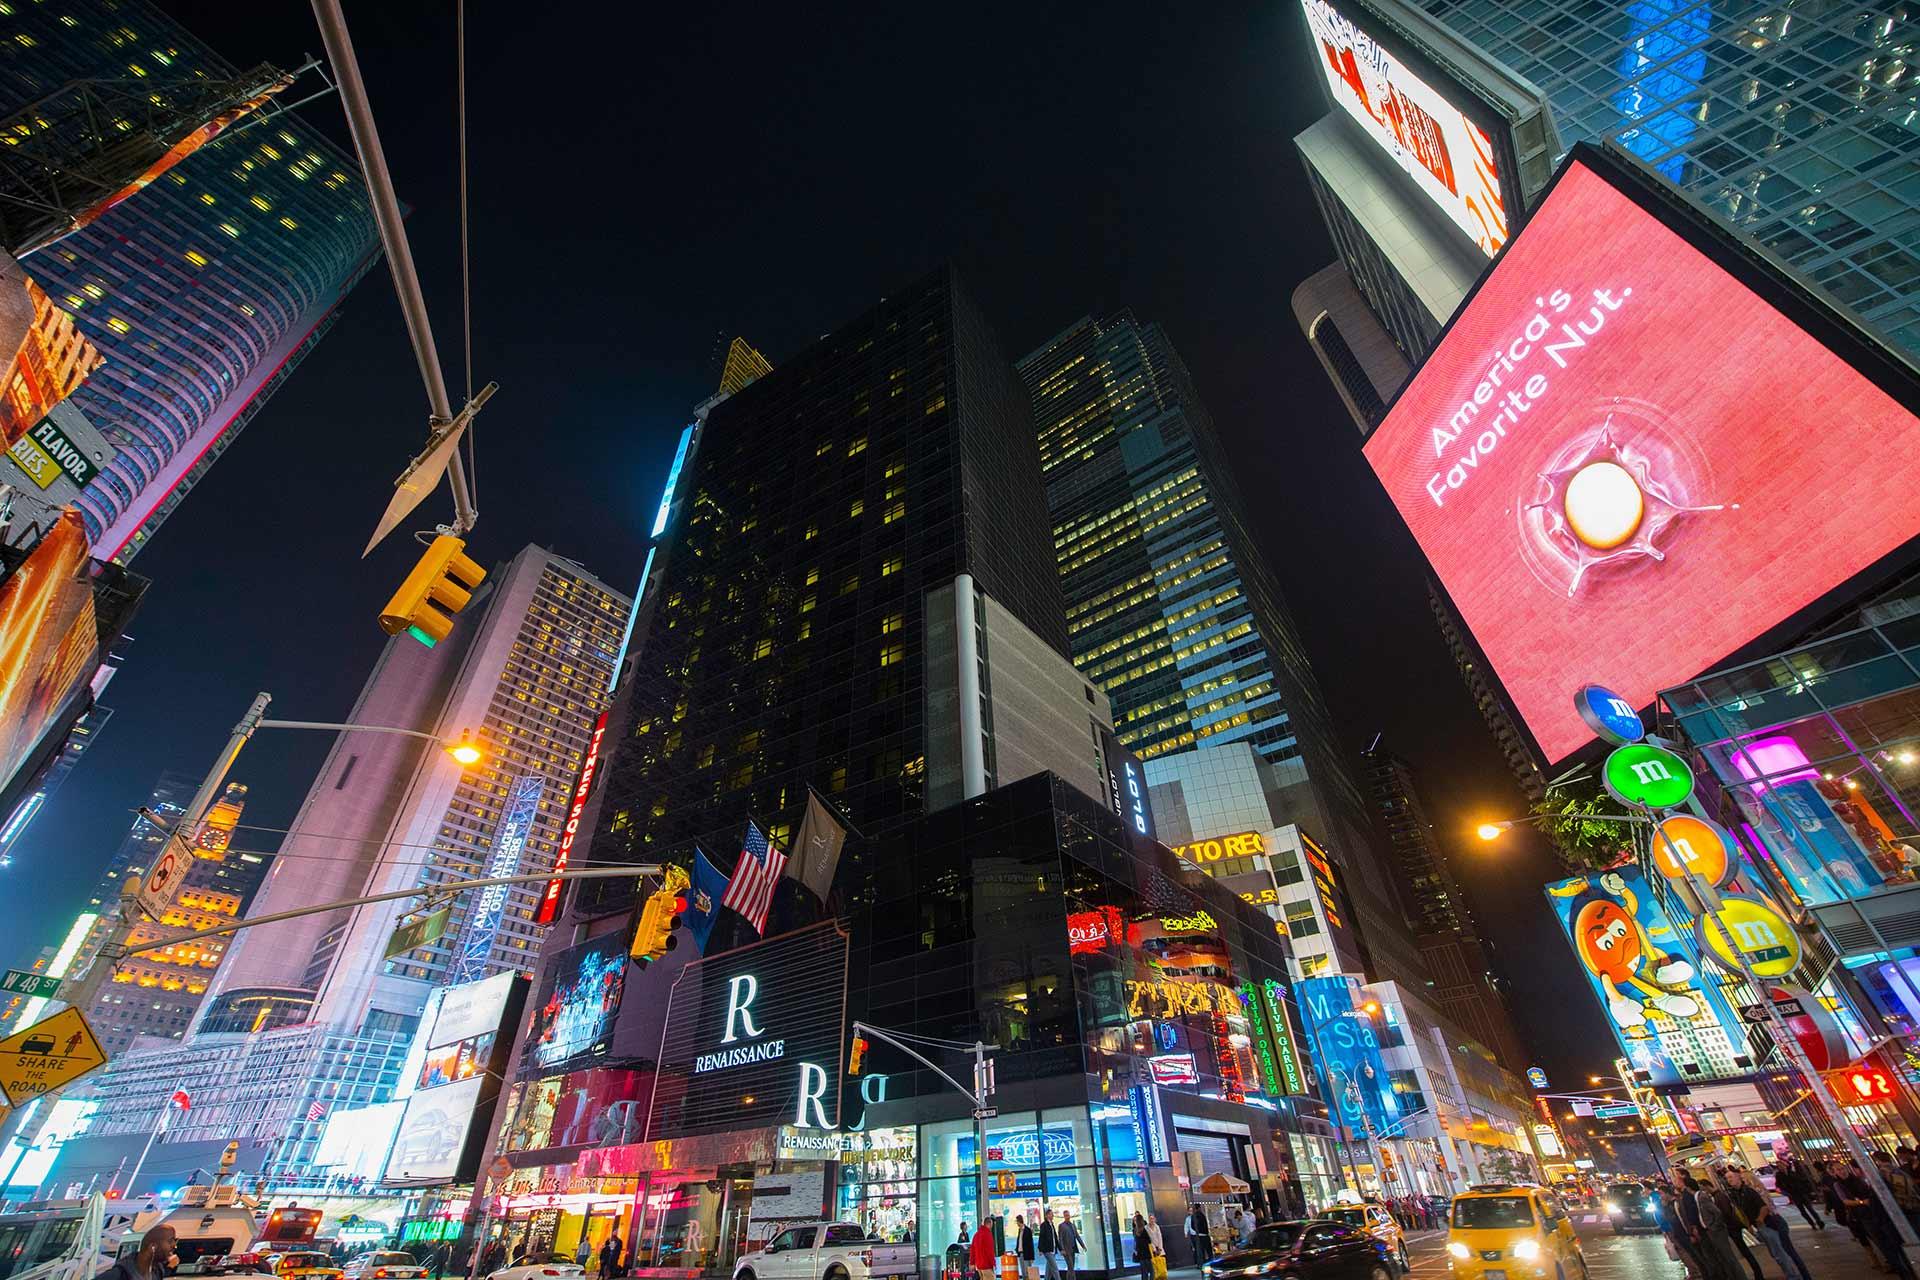 onefourzero marketing analysis image depicting cityscape